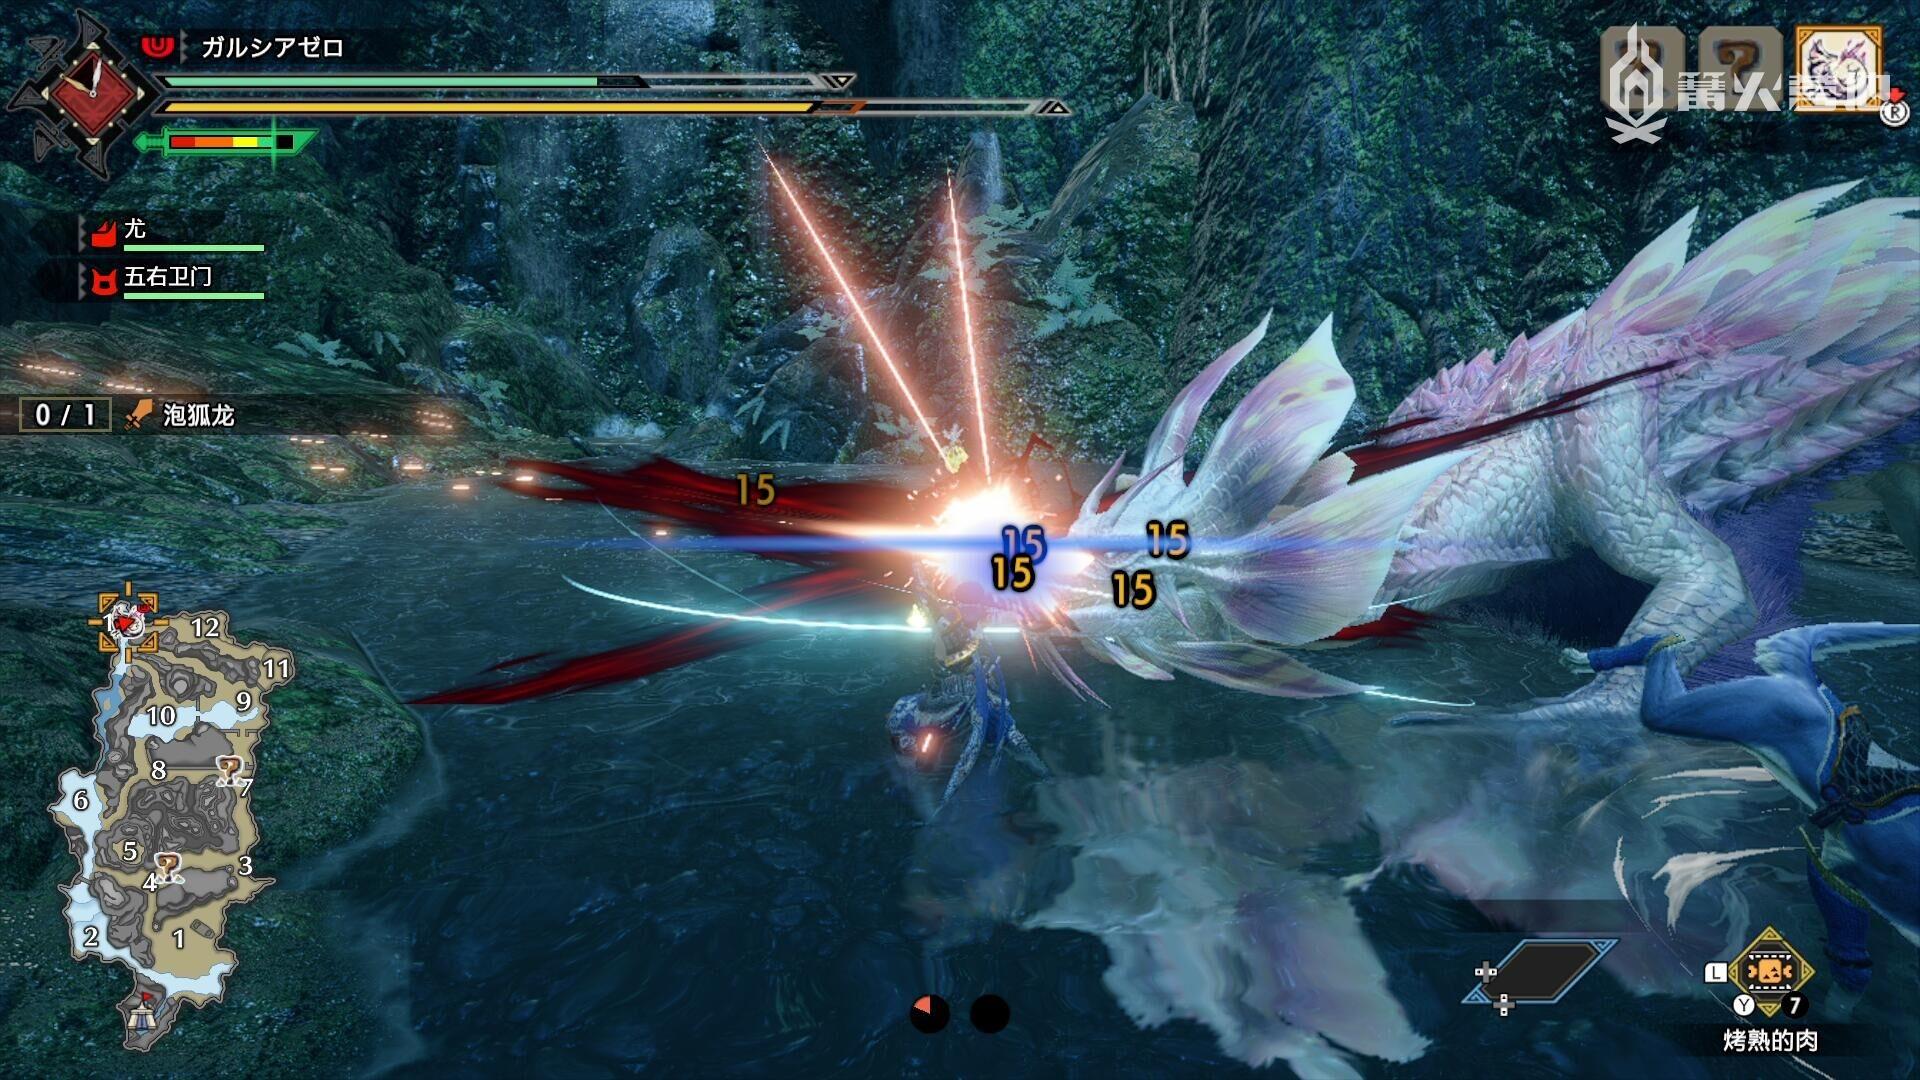 怪物猎人崛起单手剑怎么玩 单手剑操作技巧介绍